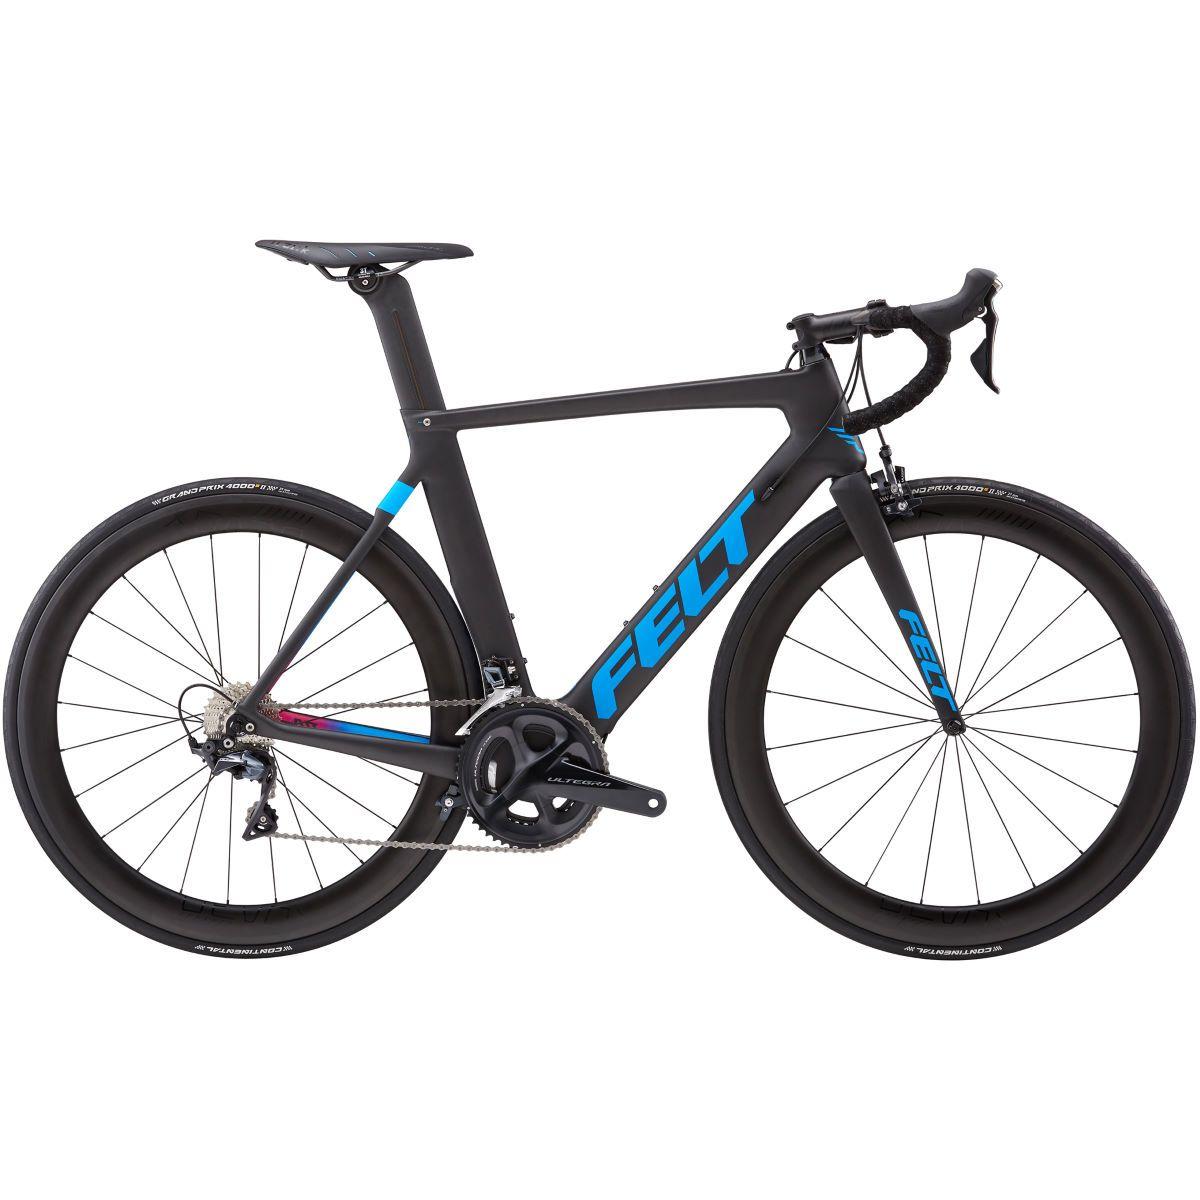 Felt Ar3 2018 Aero Road Bike Time Trial Bikes Met Afbeeldingen